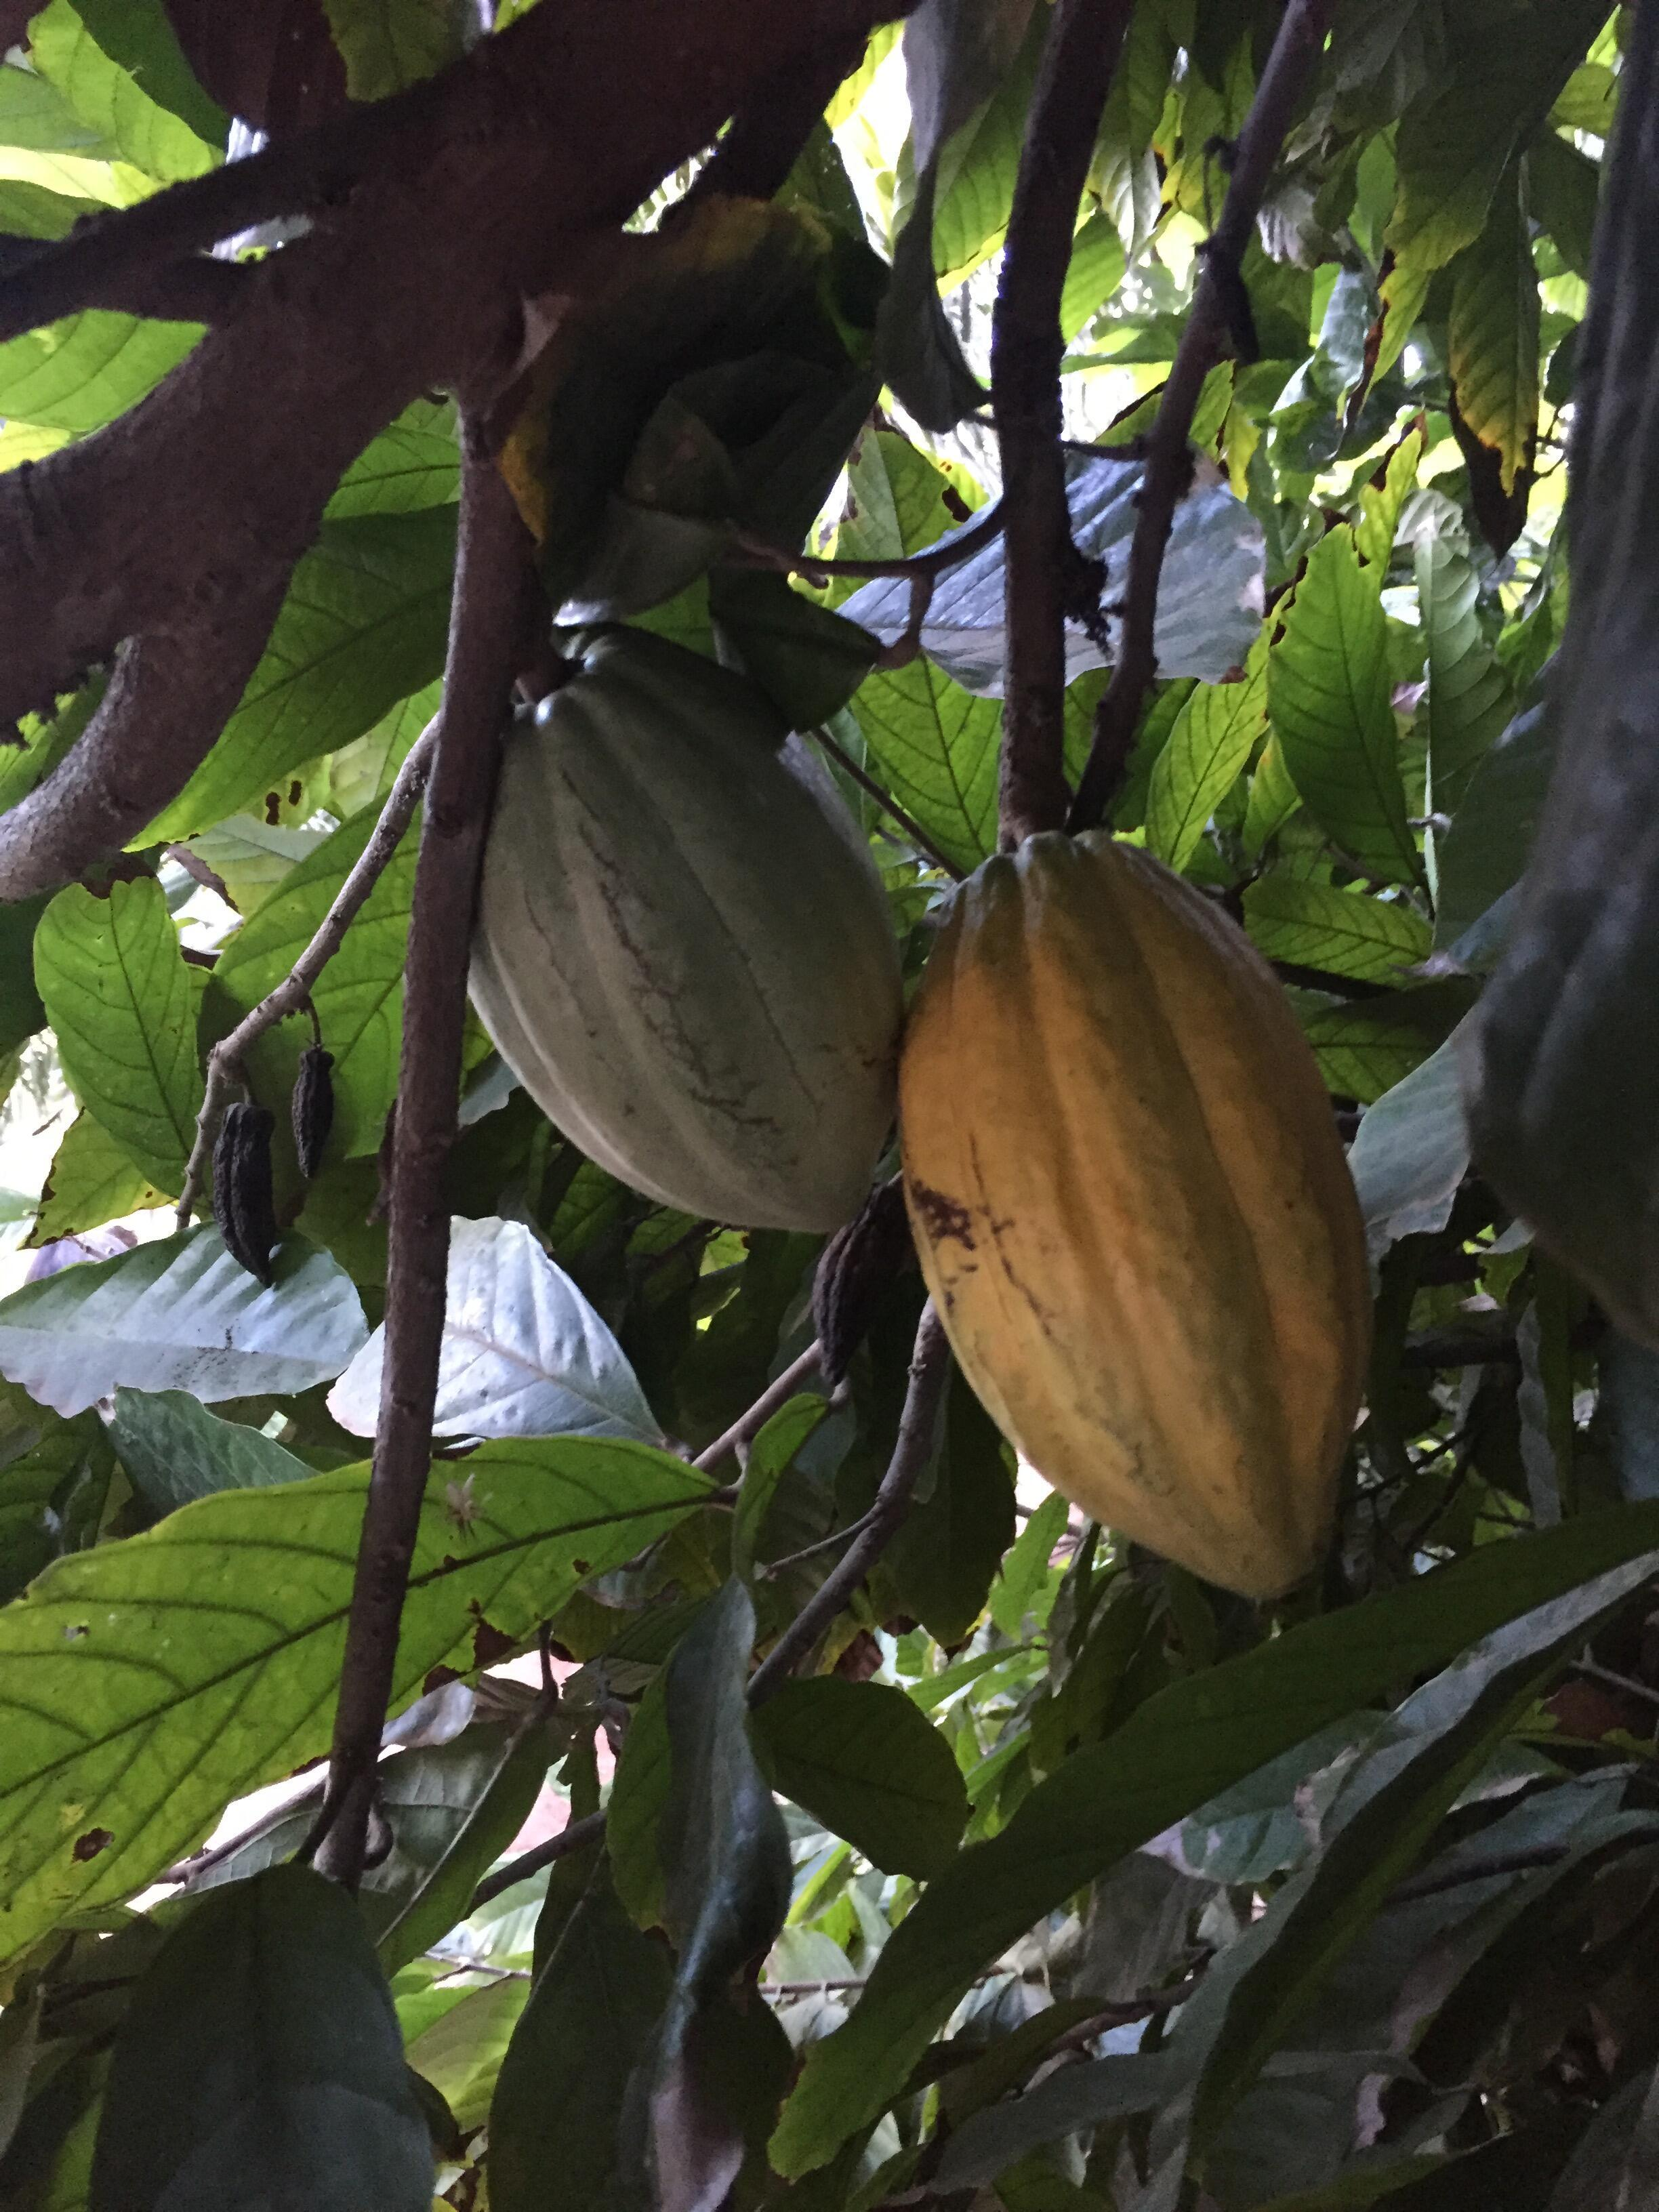 Une cabosse de cacao sur un cacaoyer. (Image d'illustration)